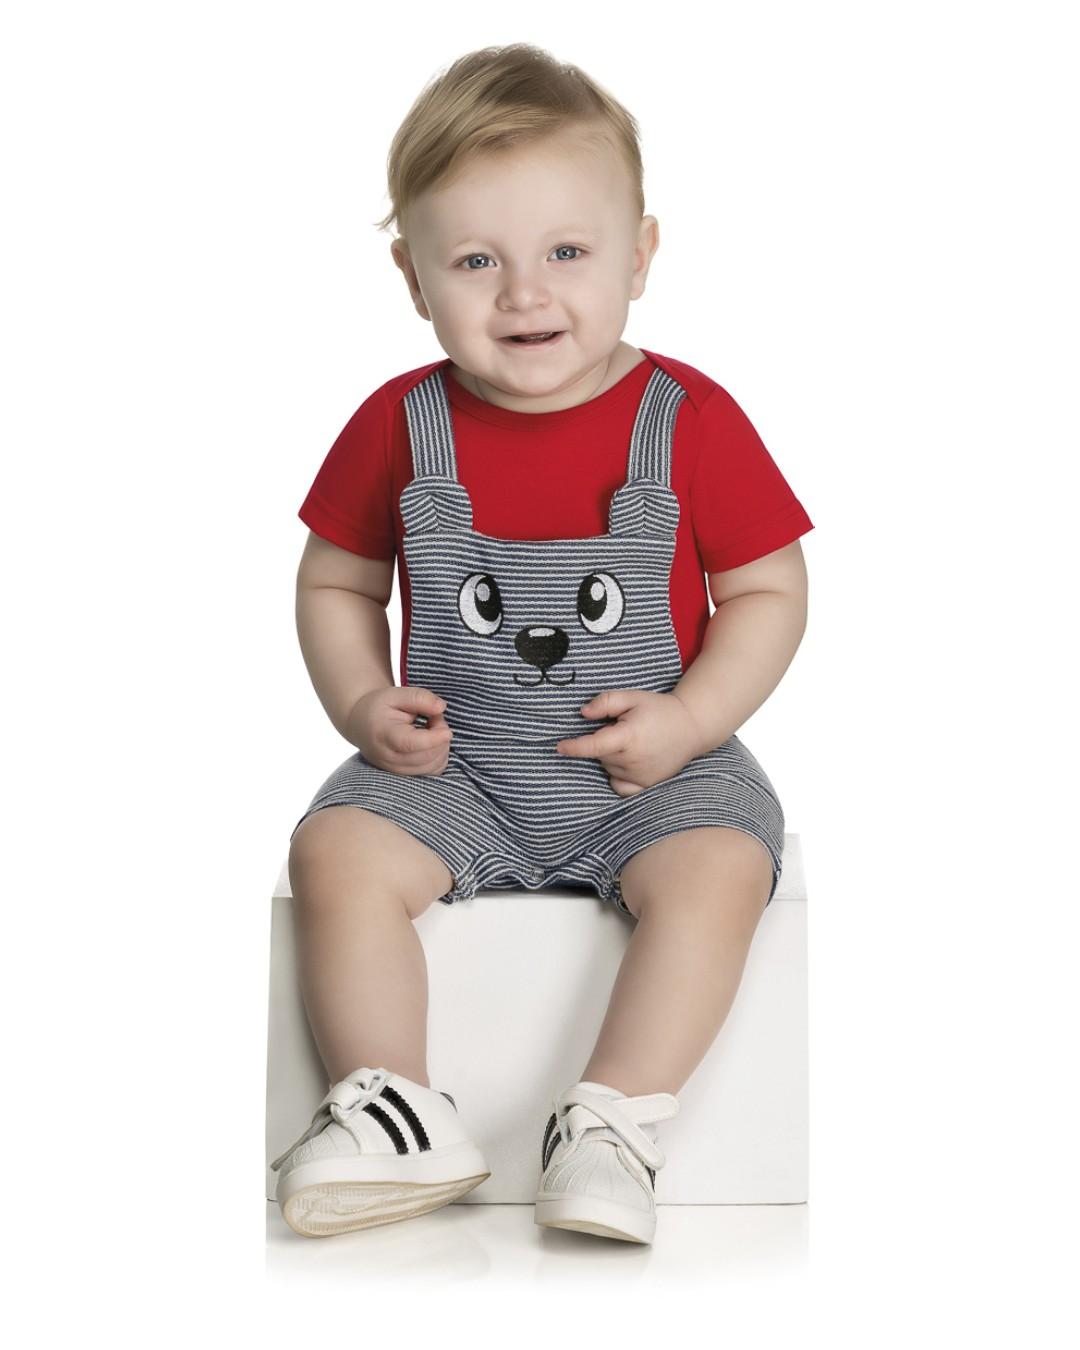 Macaquinho Infantil com Botão de Pressão - WRK